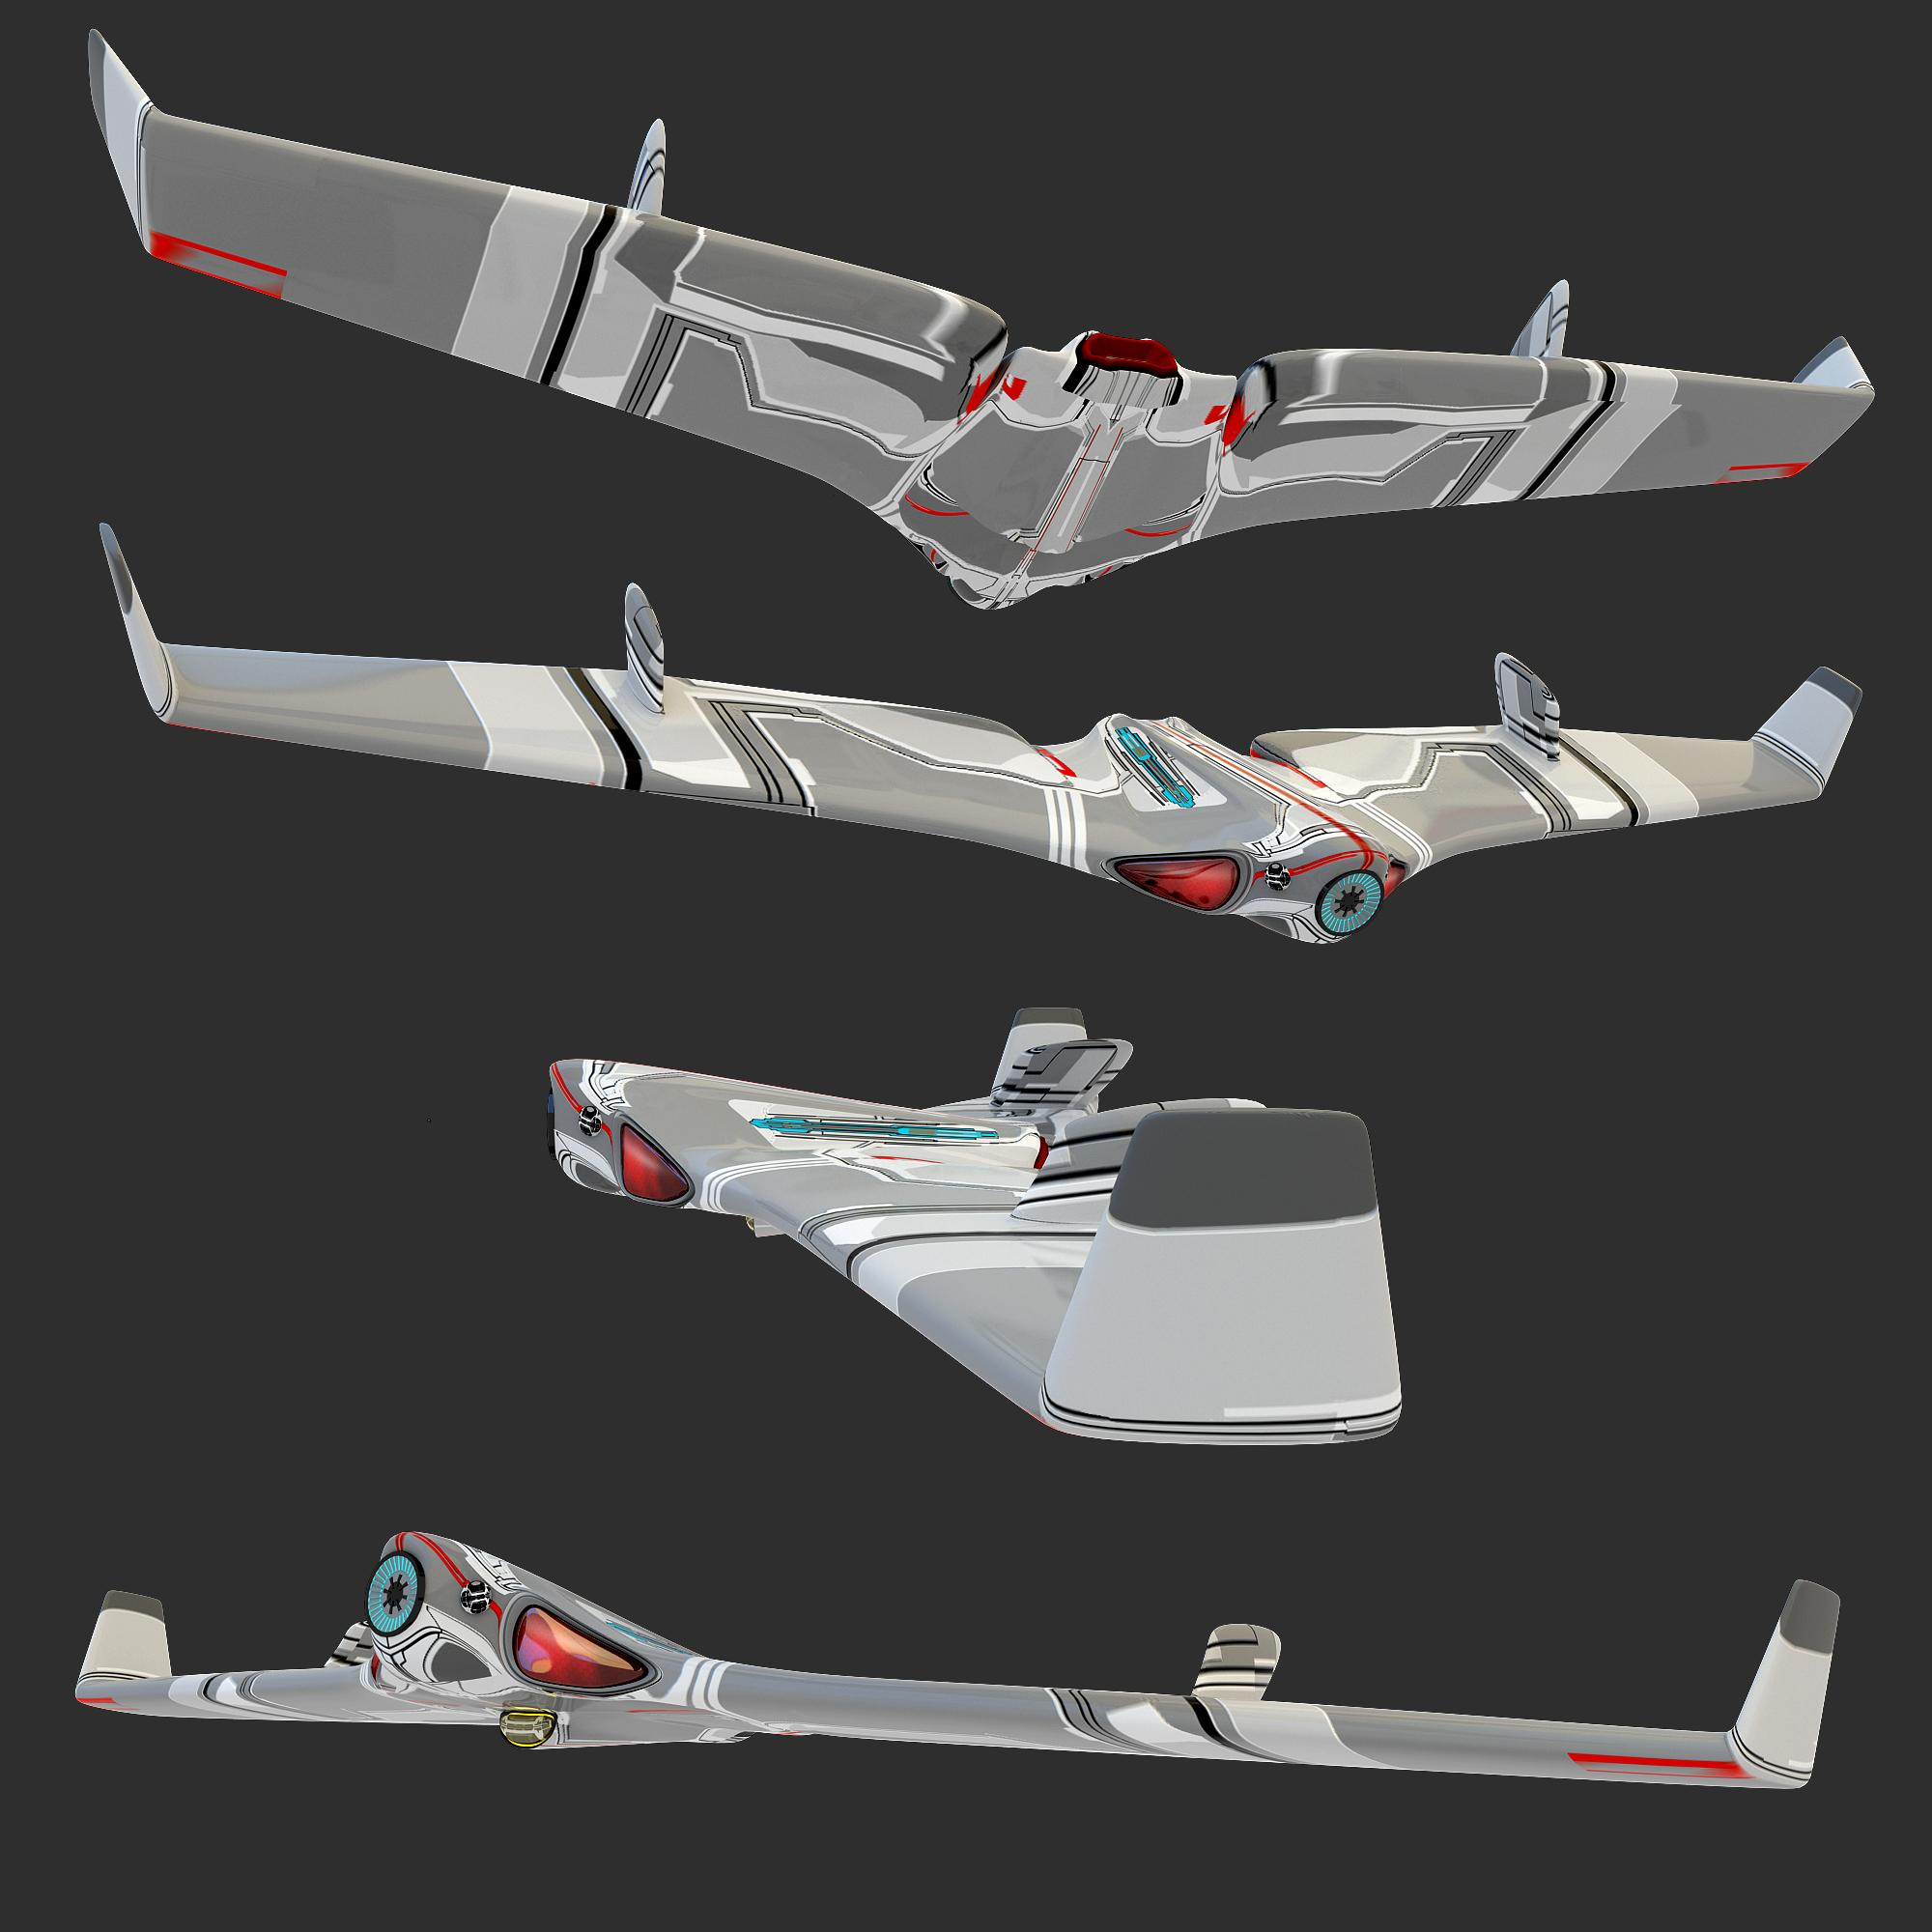 Tovarek-class FTR дрон